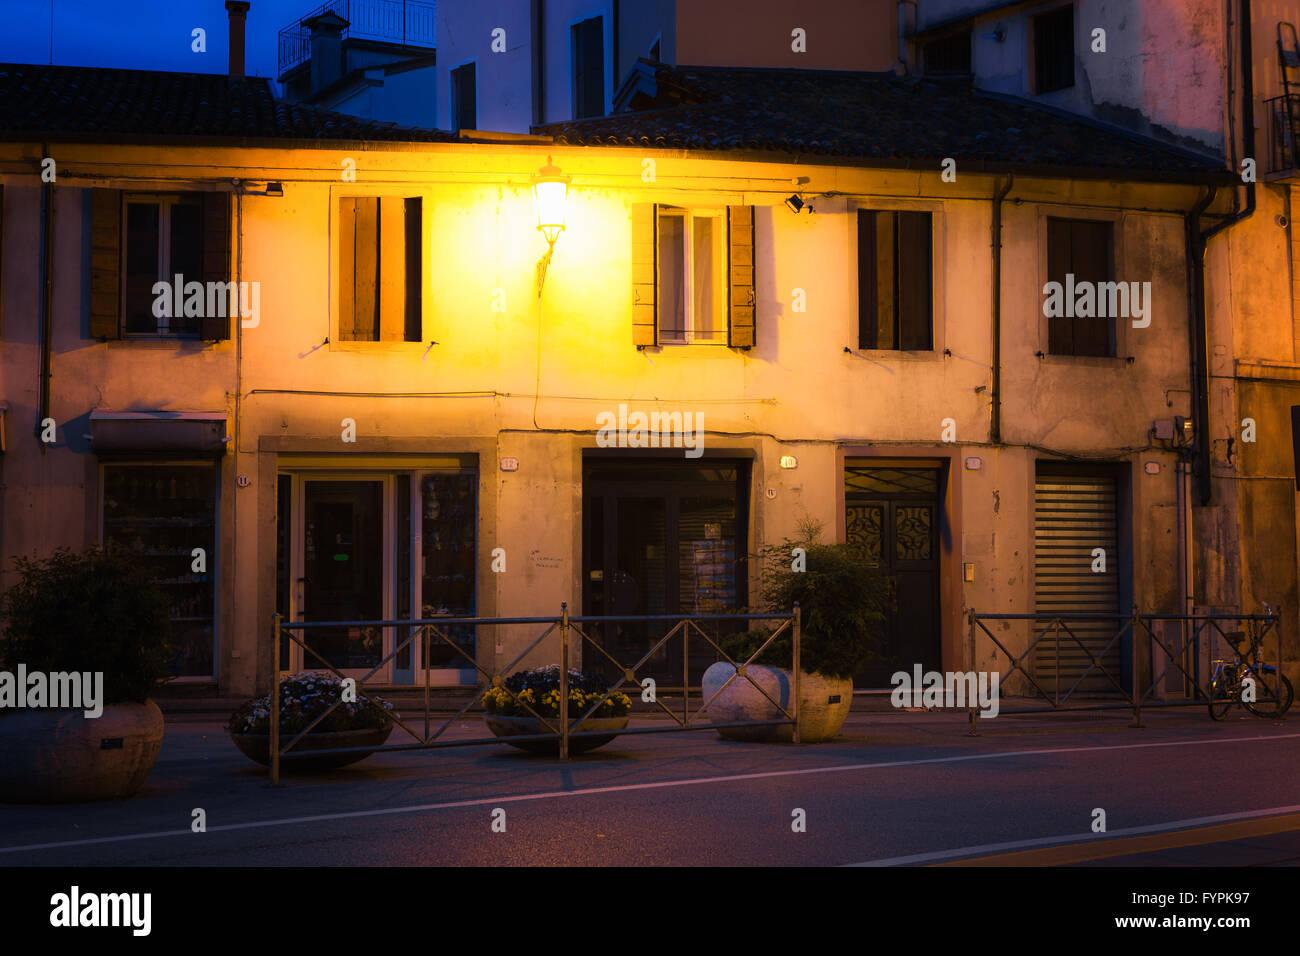 Old European sreet at night - Stock Image